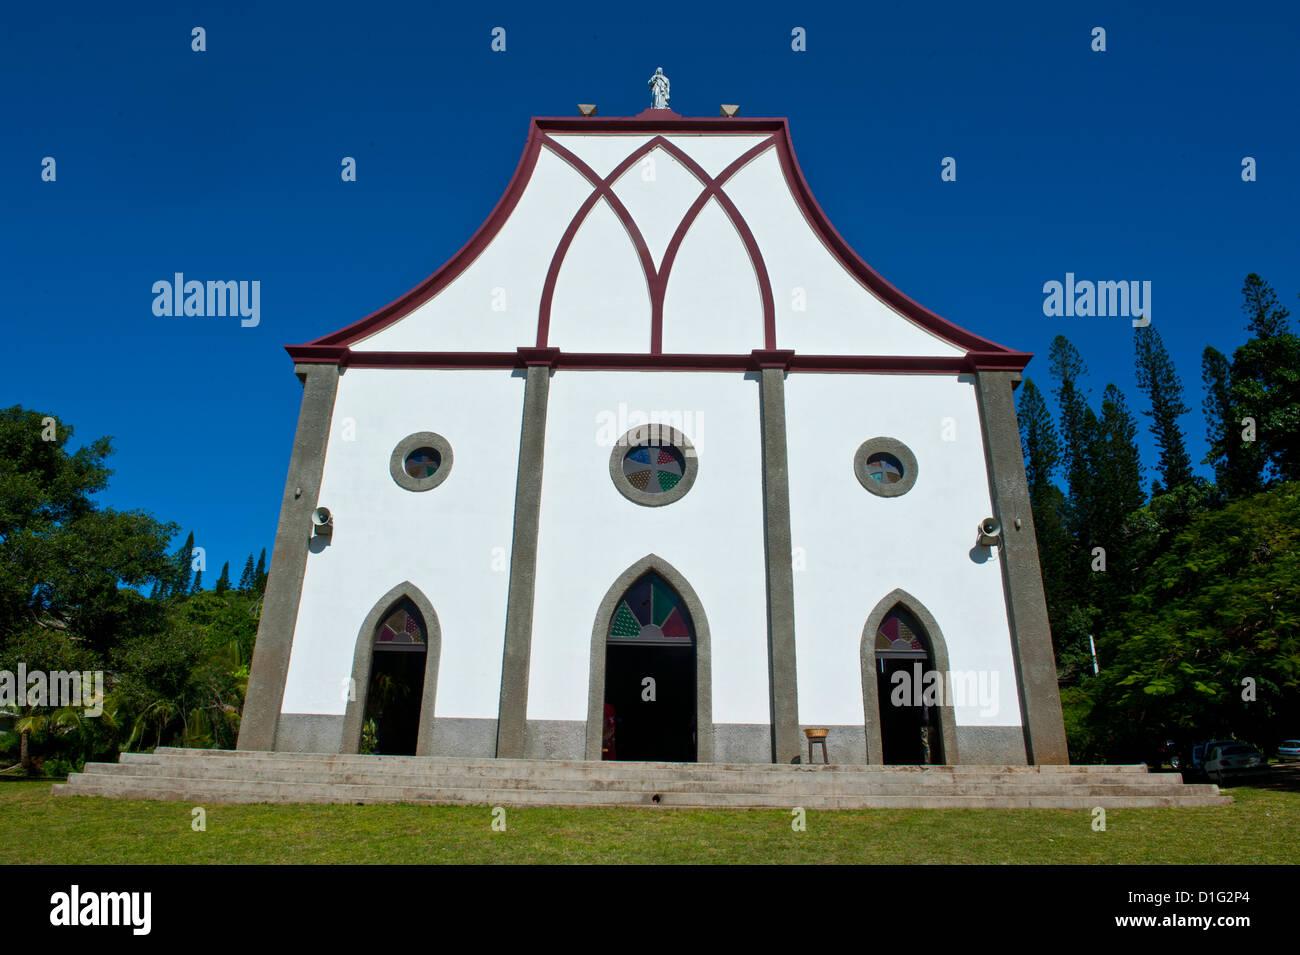 La chiesa cristiana di Vao, Ile des Pins, Nuova Caledonia, Melanesia, South Pacific Pacific Immagini Stock